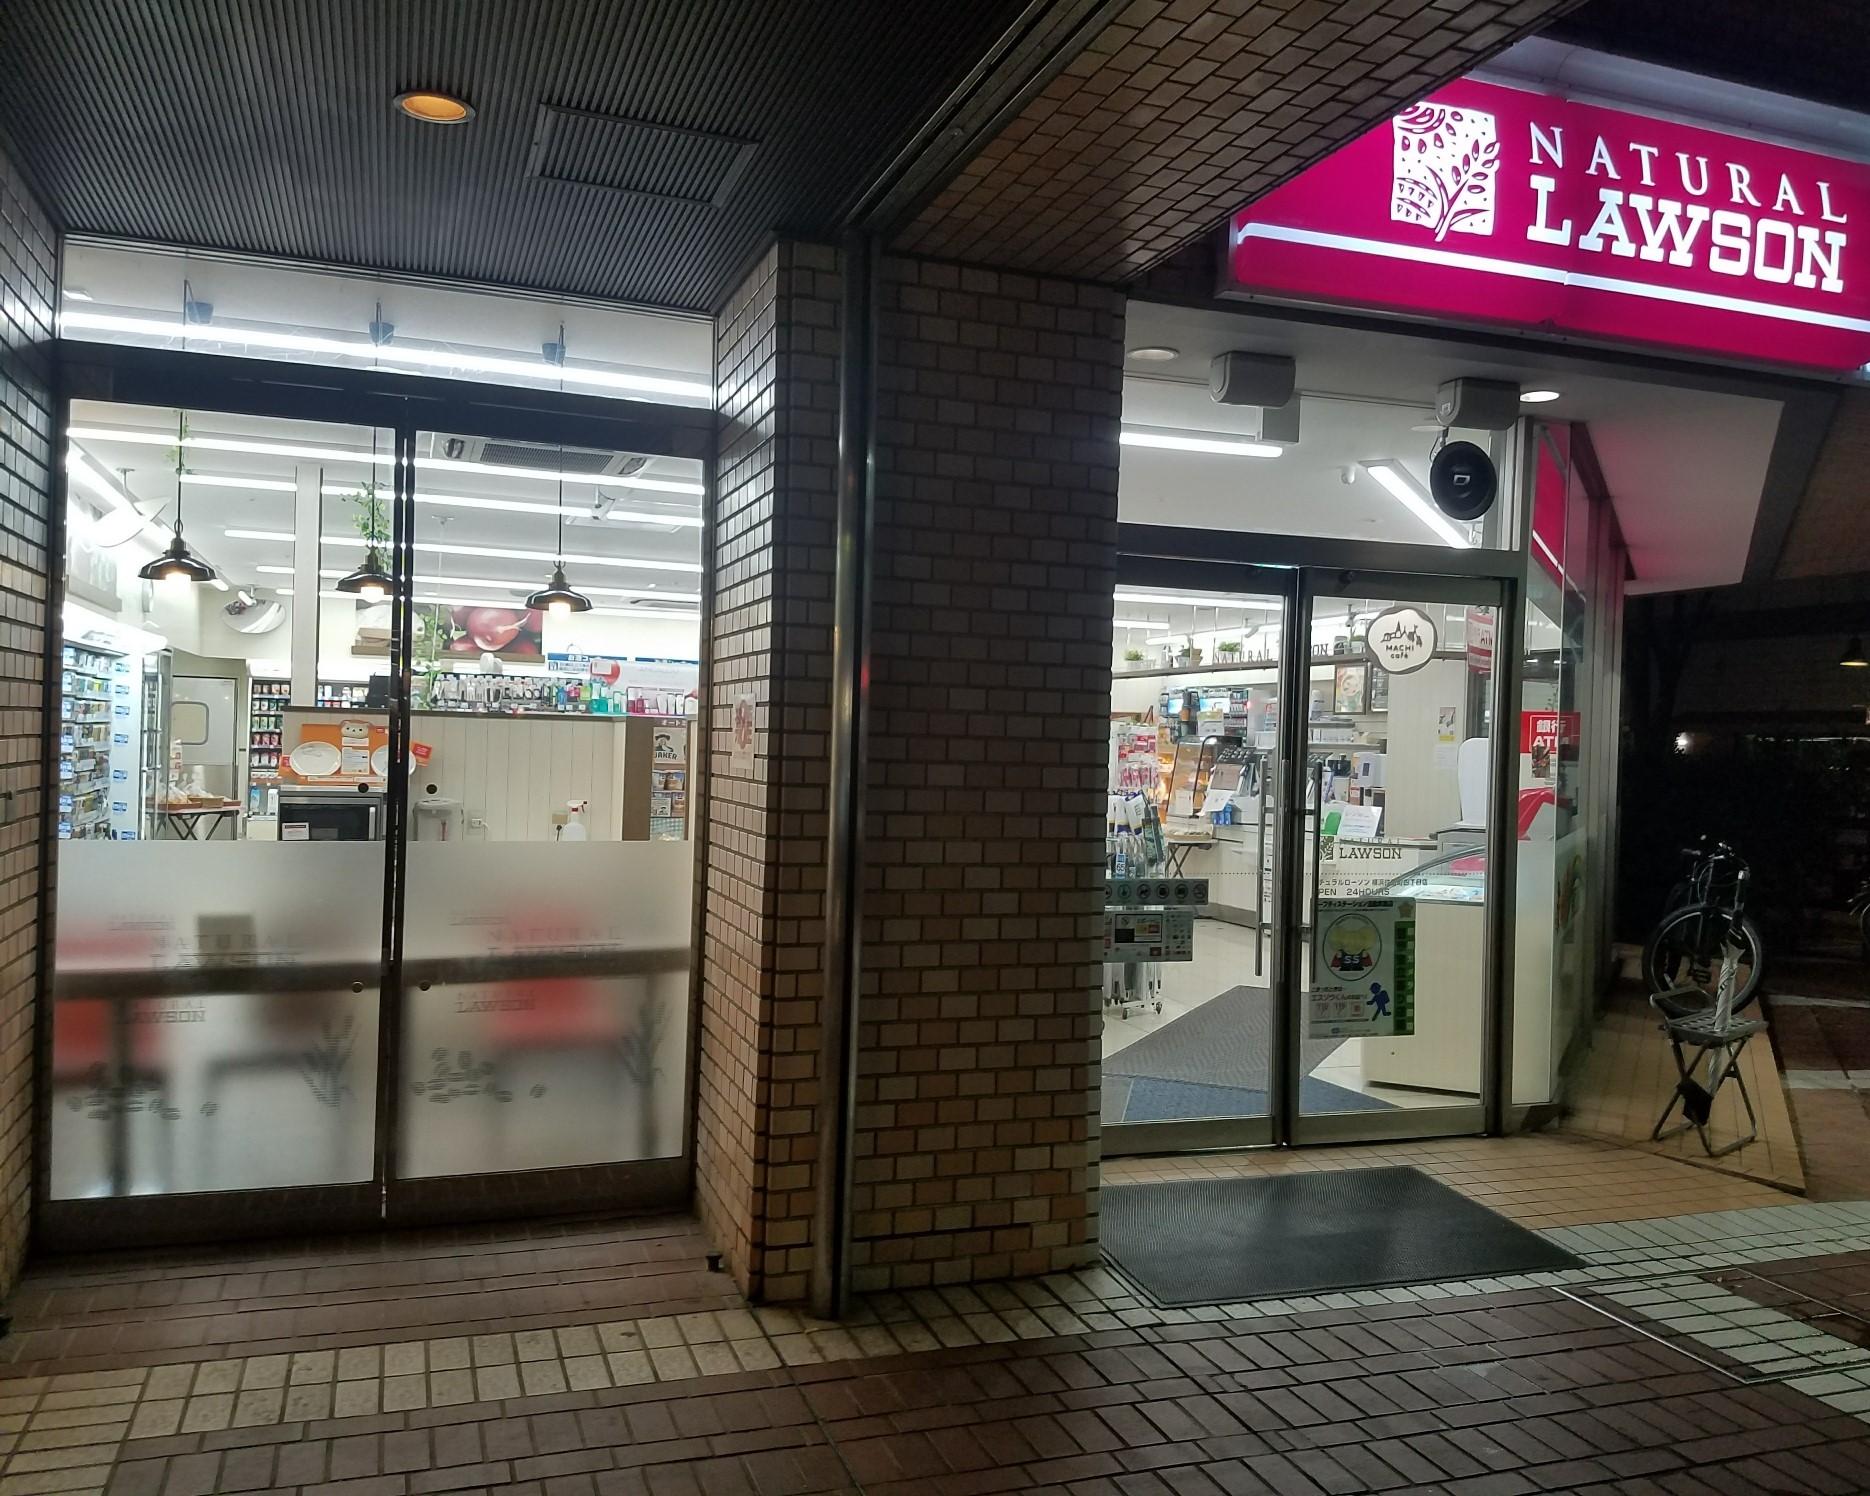 Natural Lawson sign